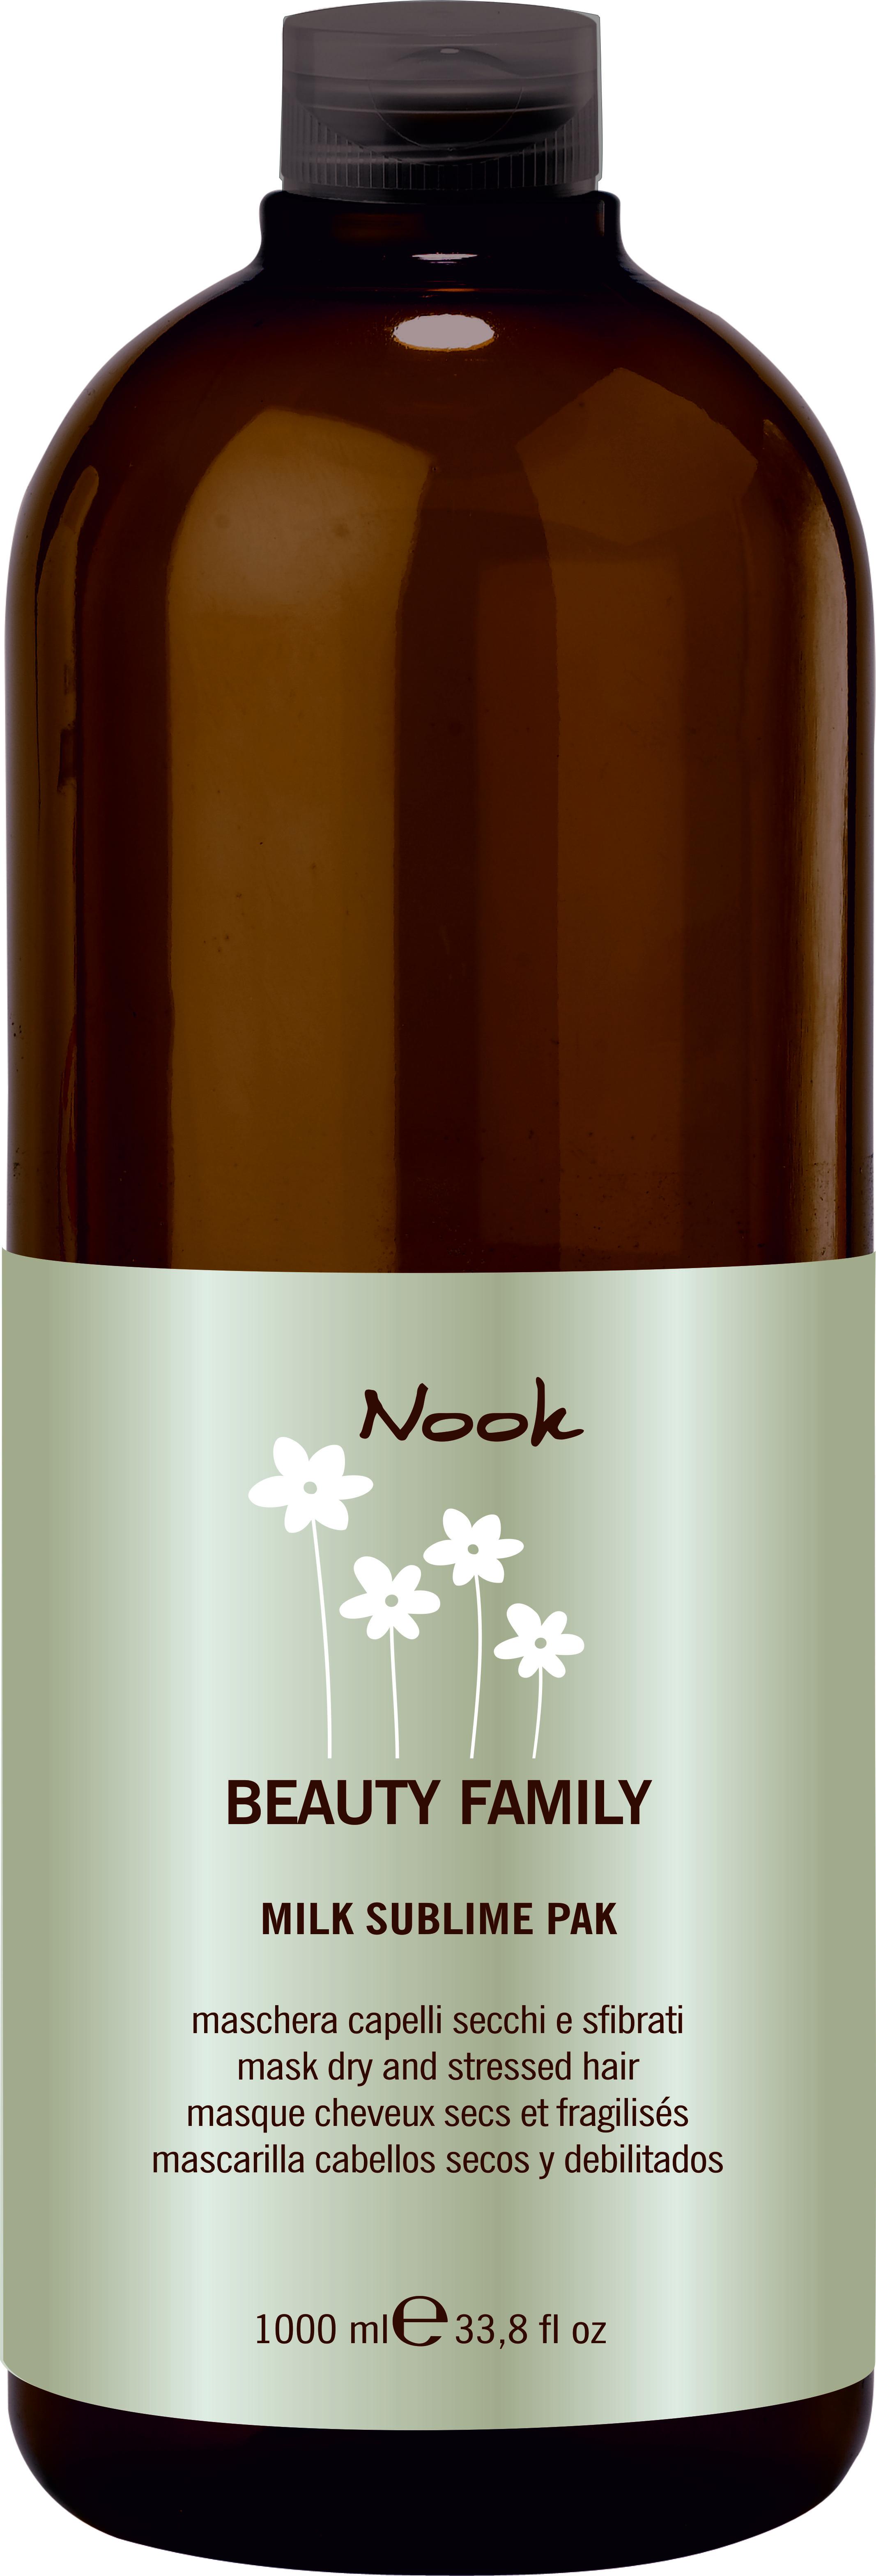 NOOK Маска для поврежденных волос Ph 4,7 / Milk Sublime Pak BEAUTY FAMILY 1000 мл carmen d or масло д быстрого загара гавайи с экстрактом экзотических фруктов витаминный коктейль